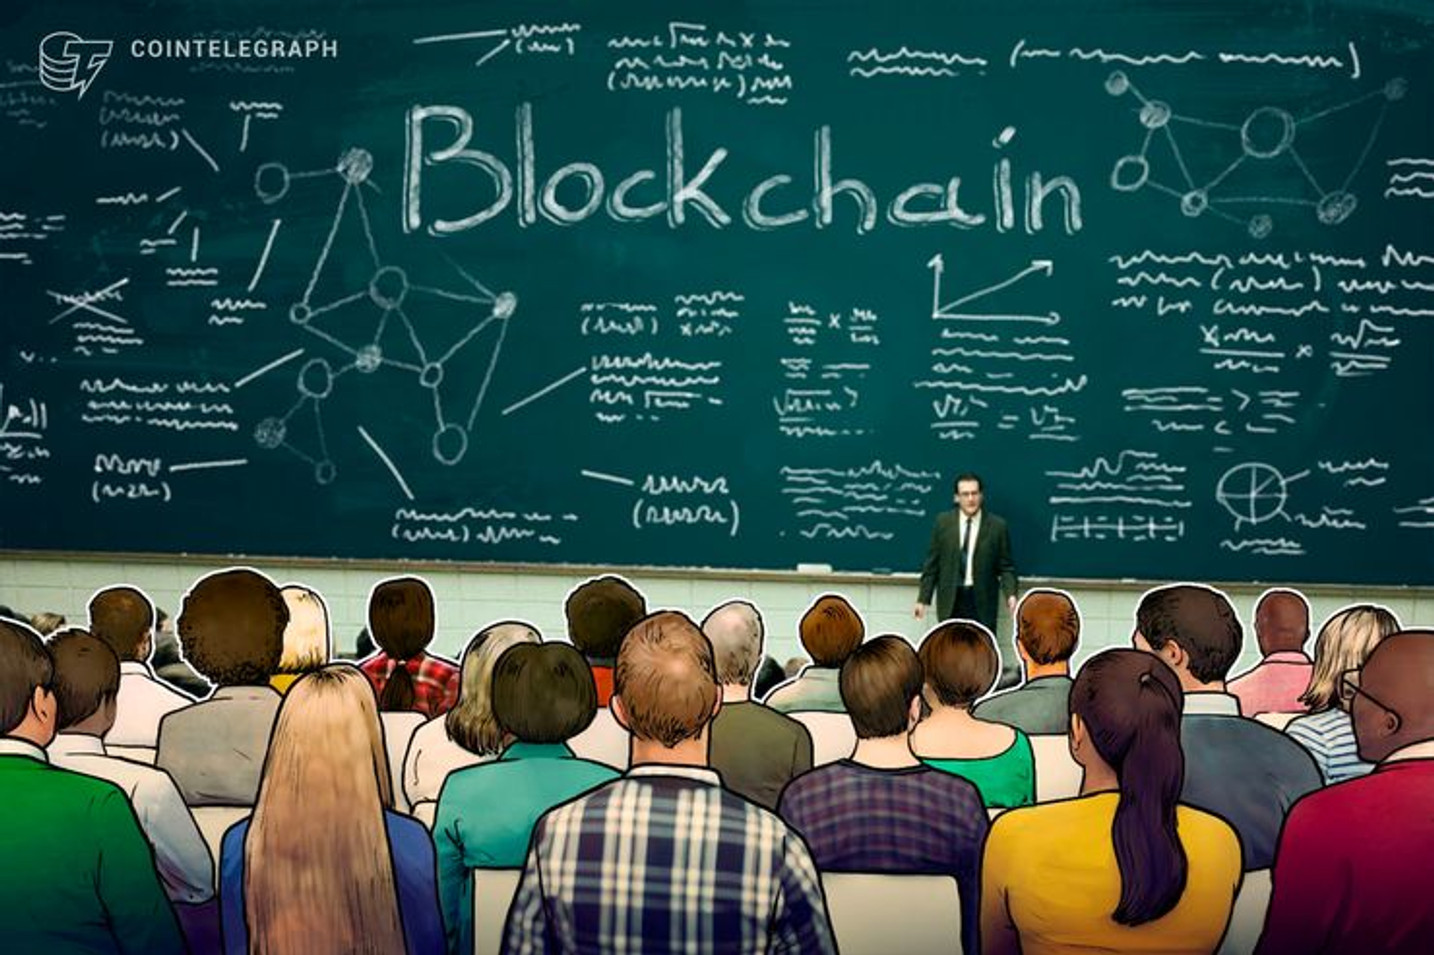 España: La Universidad de Girona contará con infraestructura blockchain